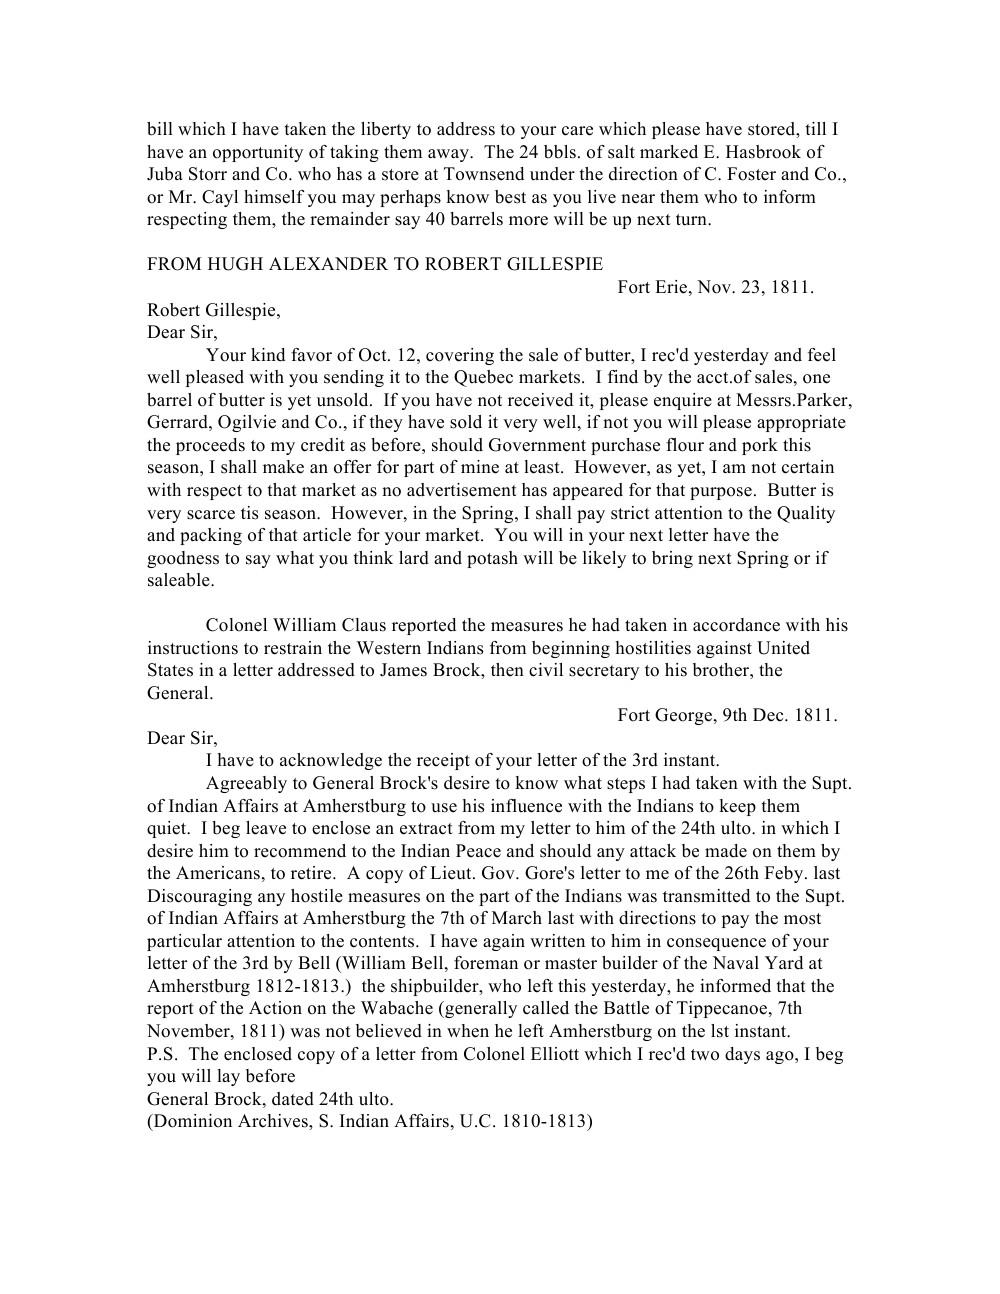 Niagara Historical Society Pamphlet -No.42 -Historic Niagara Documents -1805-1811